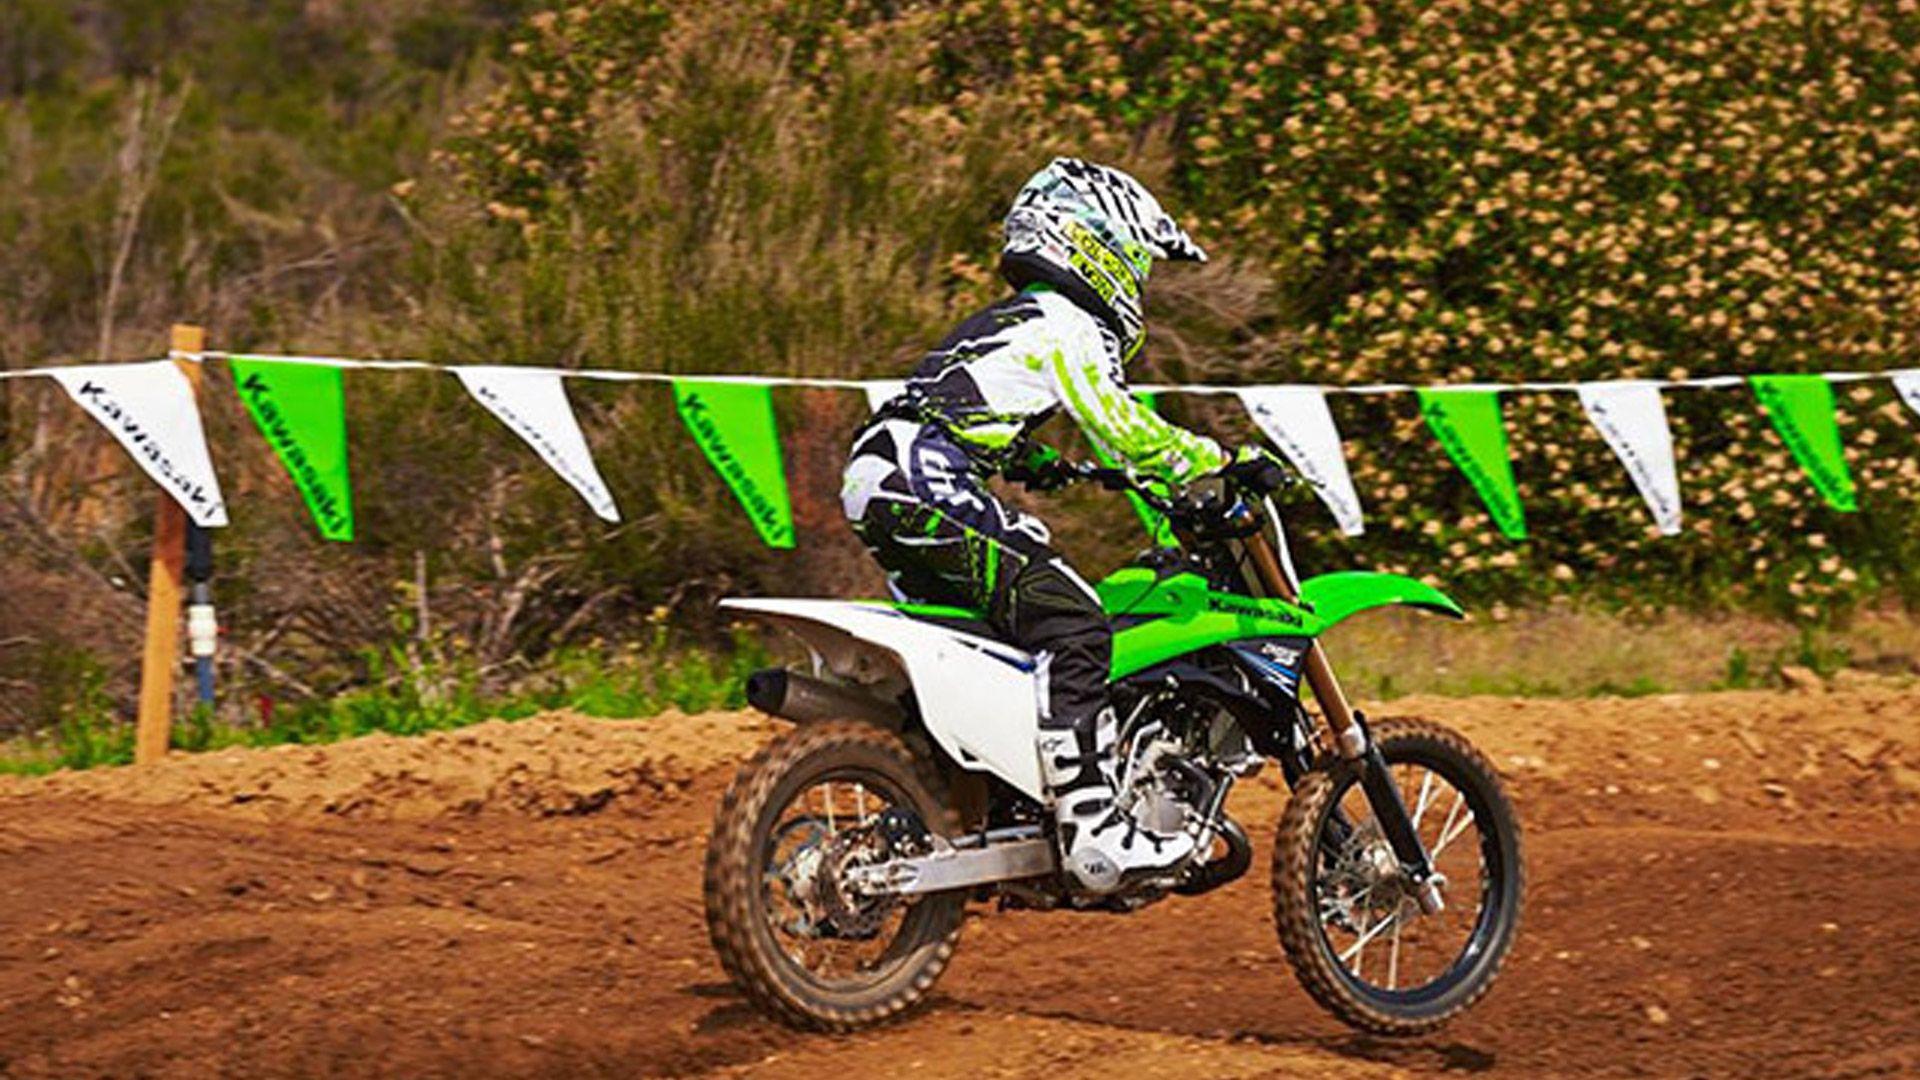 Kx Kawasaki 85 2014 Kawasaki Kx 85 Cc Powerful Motocross